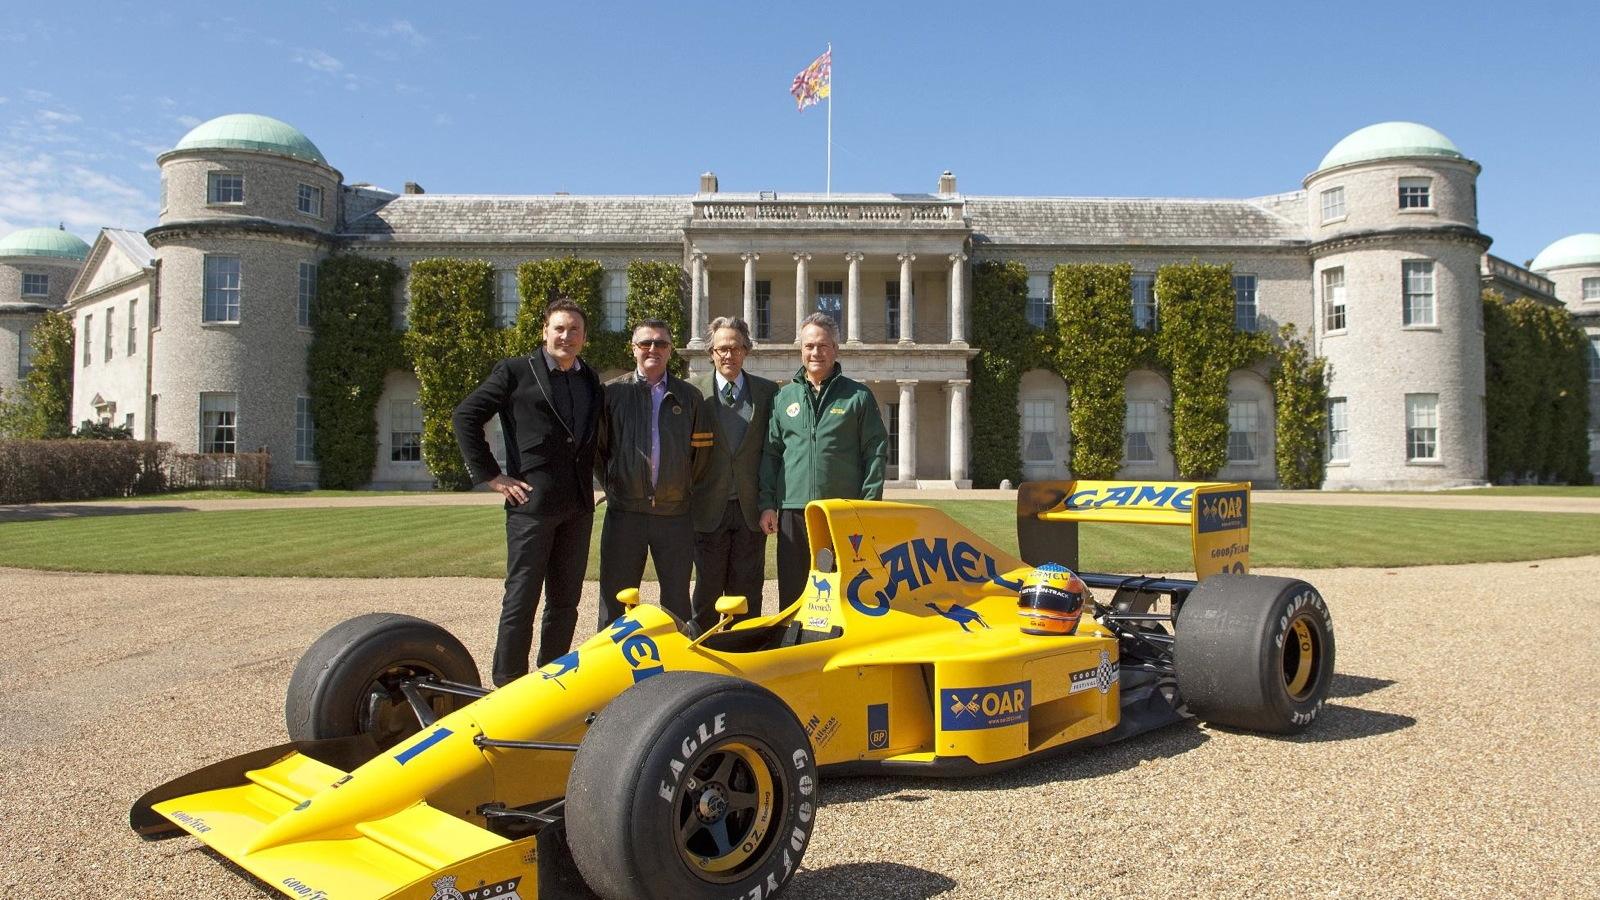 The Lotus Type 102. Image: Paul Melbert